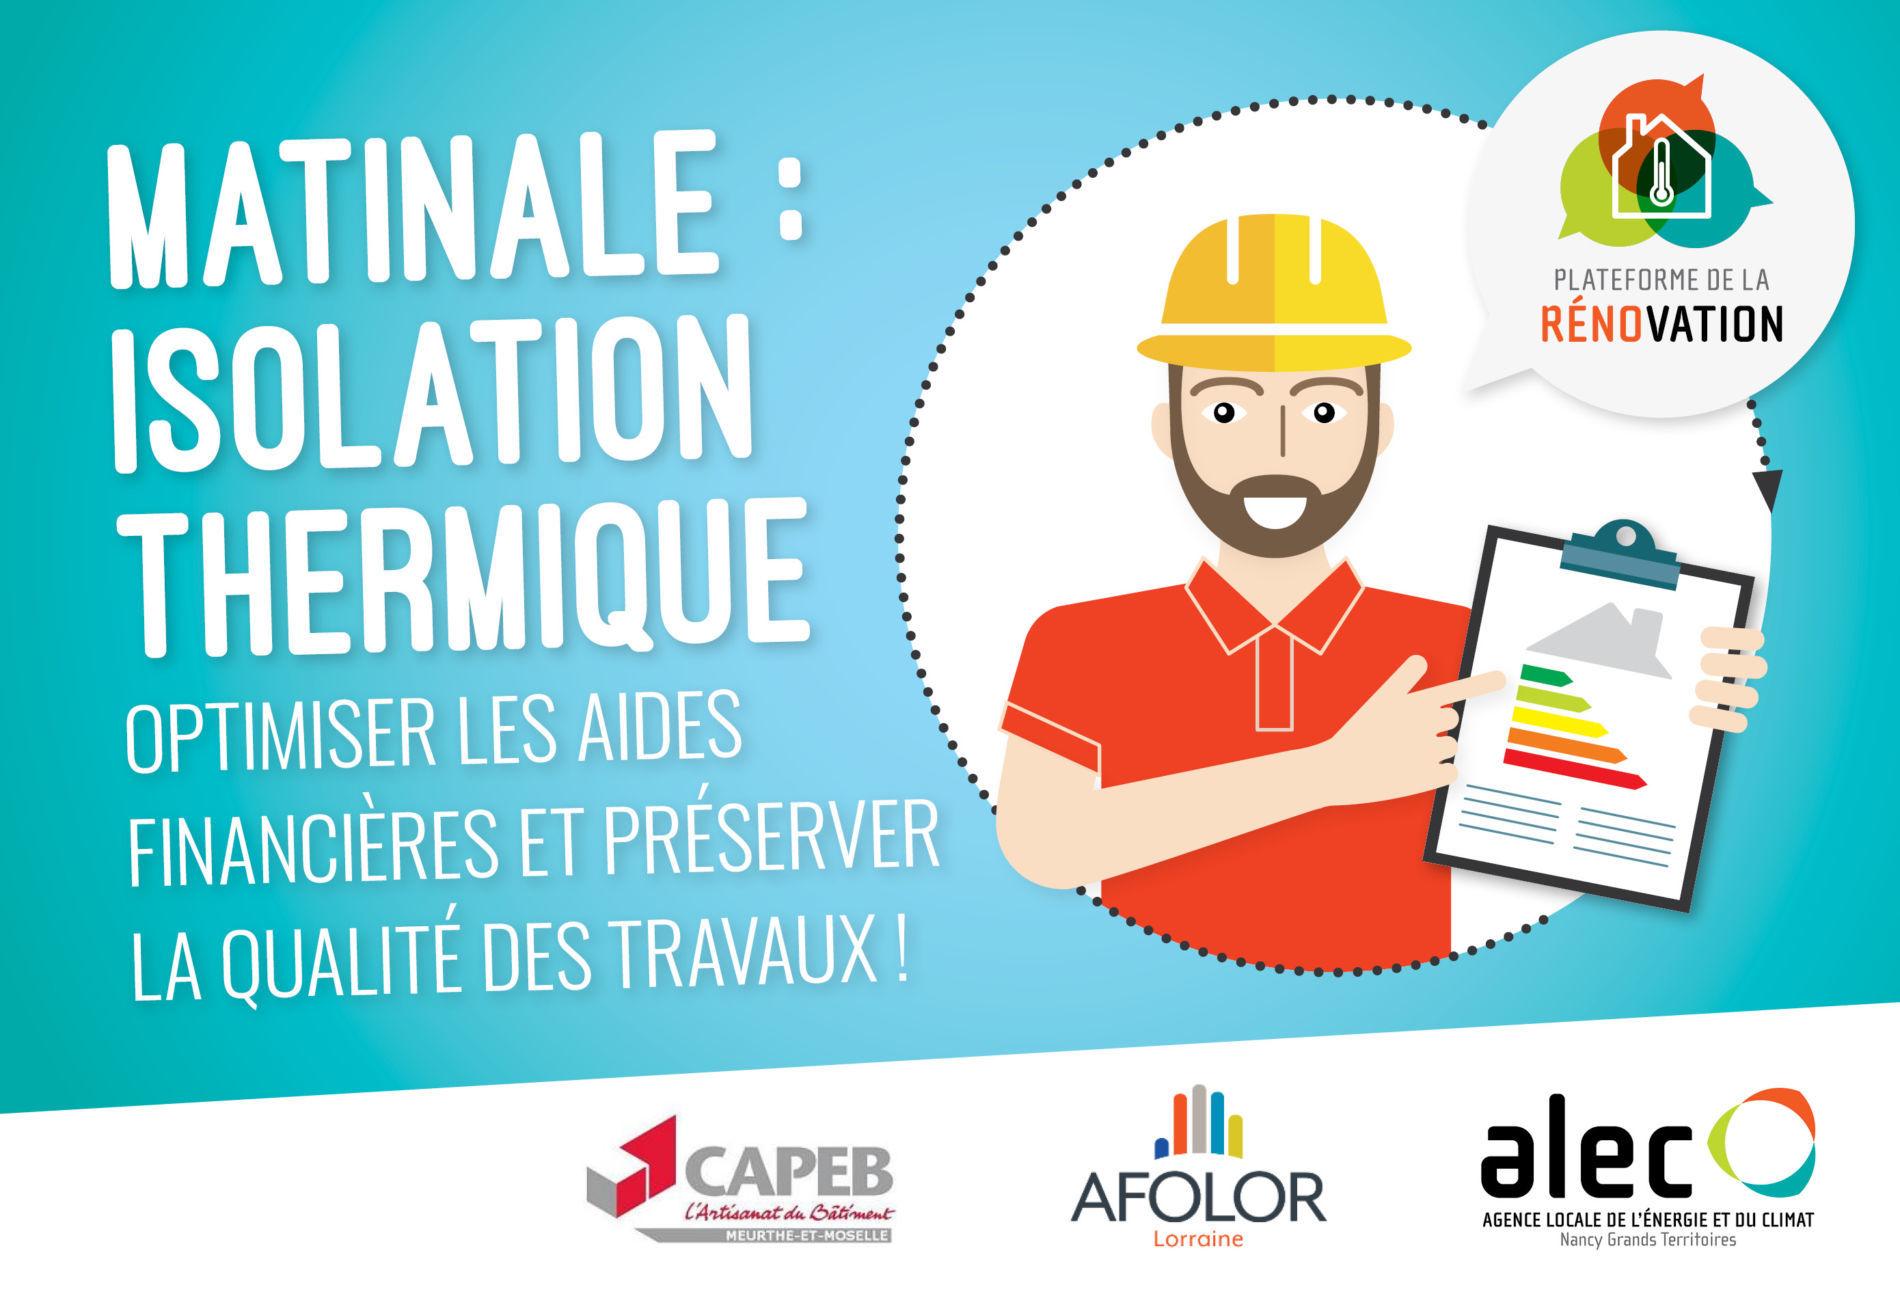 MATINALE PROS : isolation thermique, optimiser les aides financières et préserver la qualité des travaux !